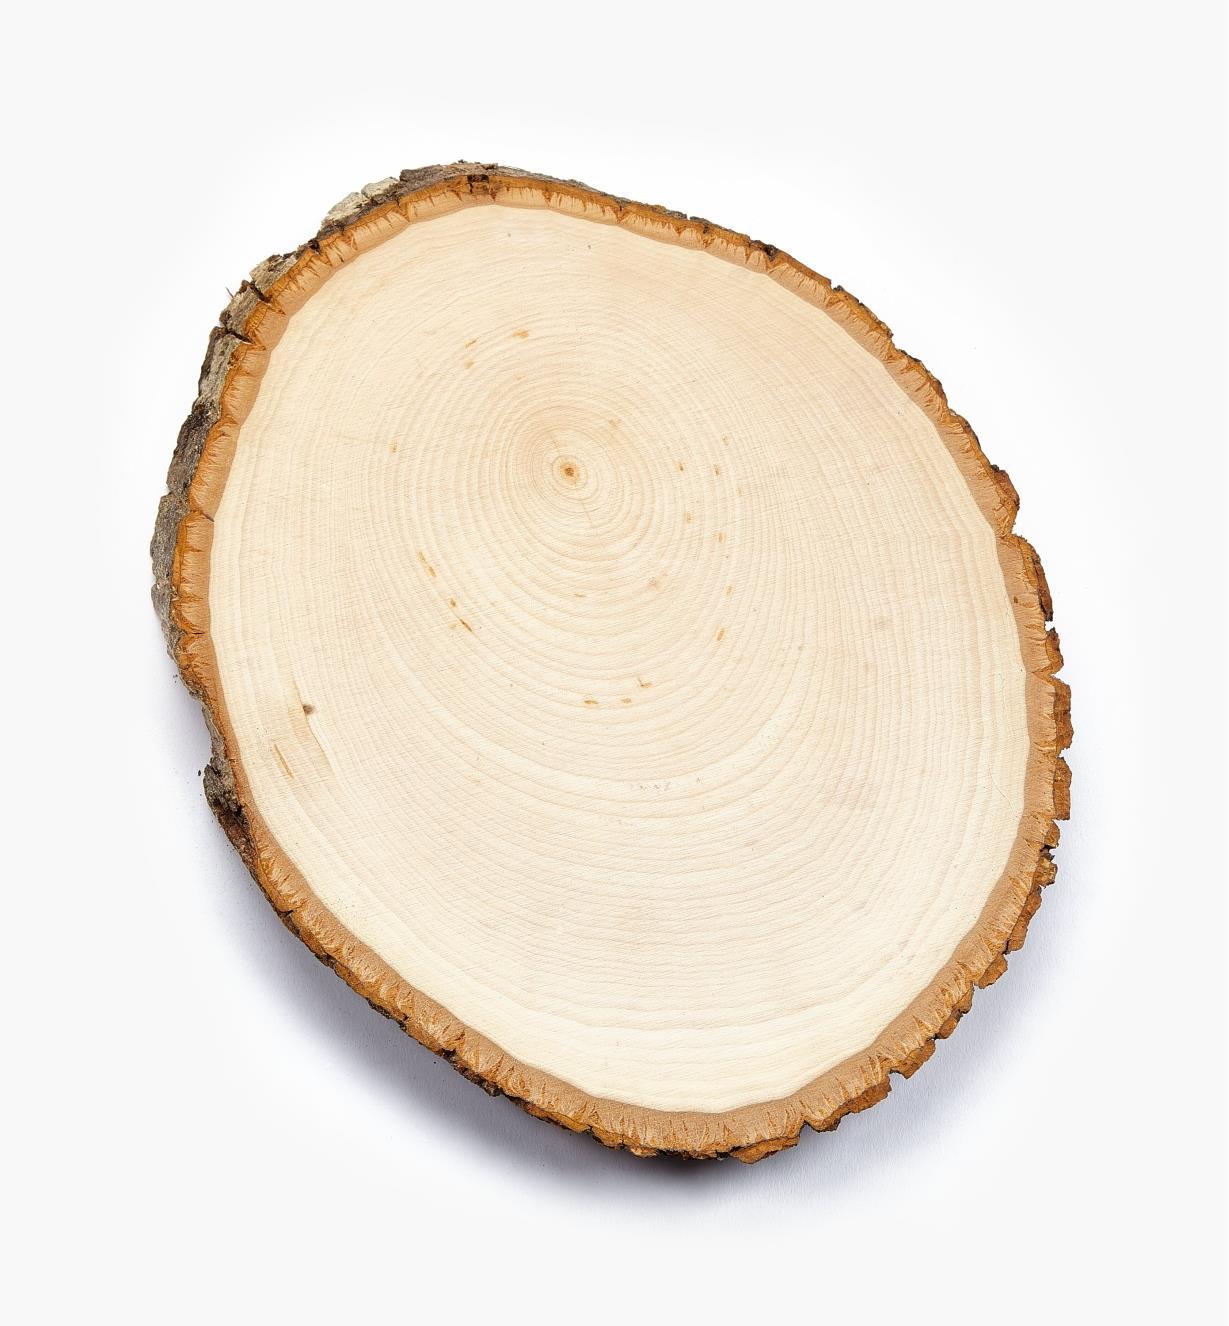 38N1262 - Plaque ovale en tilleul avec écorce, 8po × 10po